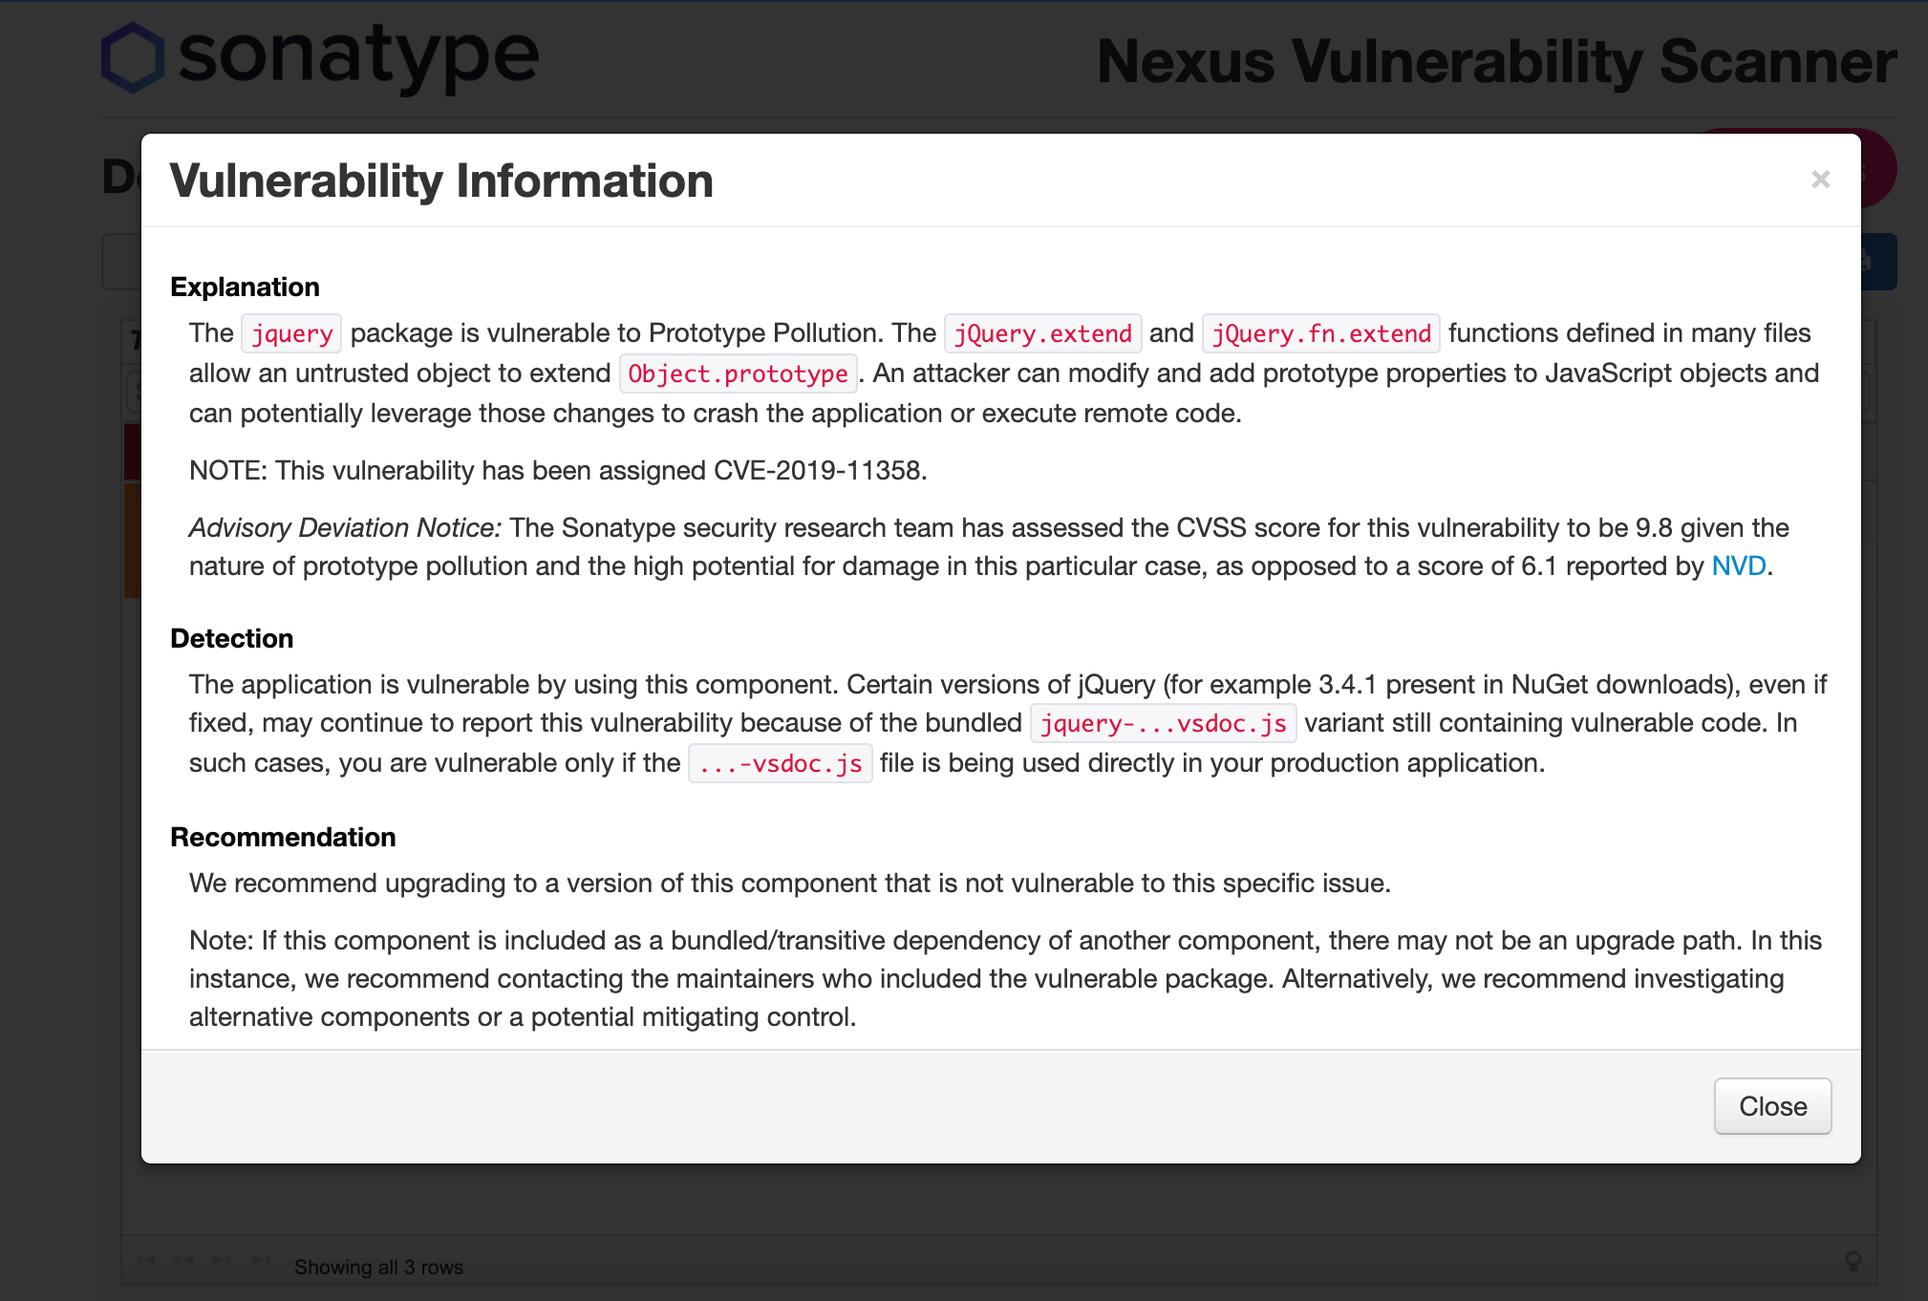 Скриншот из отчета Nexus Vulnerability Scanner